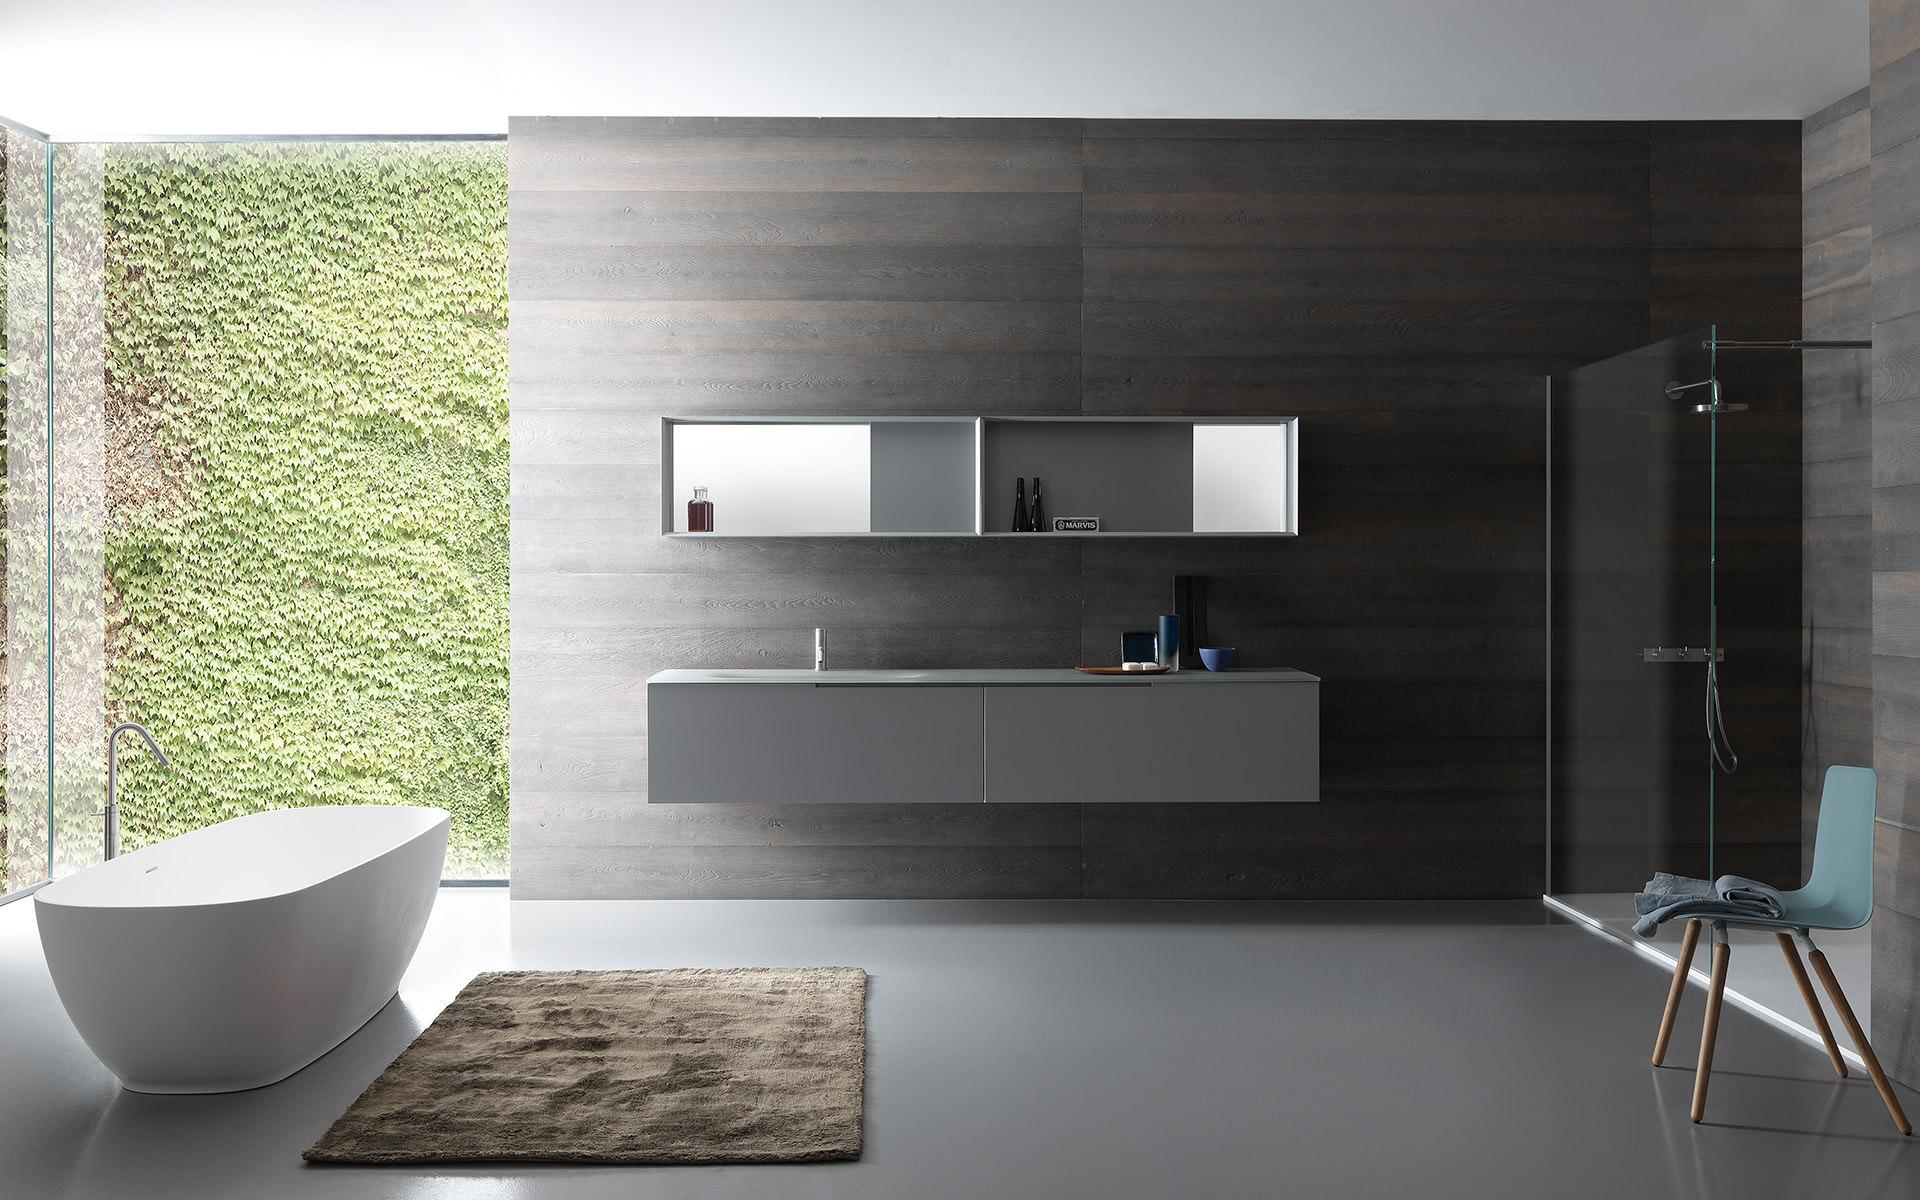 Marque salle de bain luxe id e inspirante pour la conception de la maison Petite suite parentale